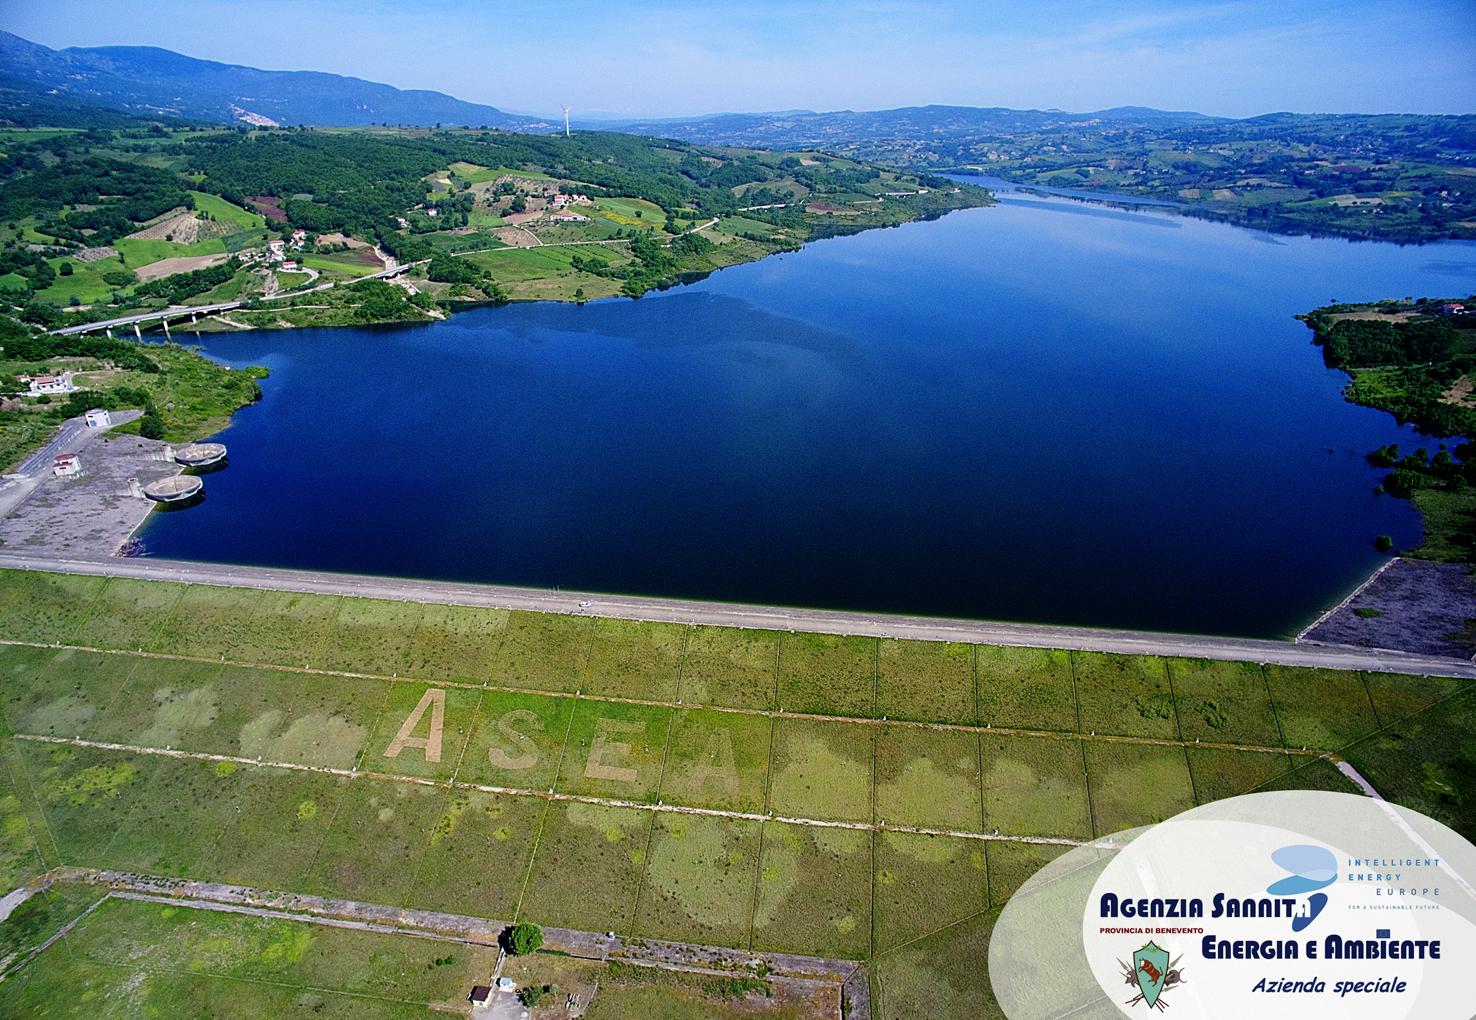 ASEA - Fermo immagine diga - drone